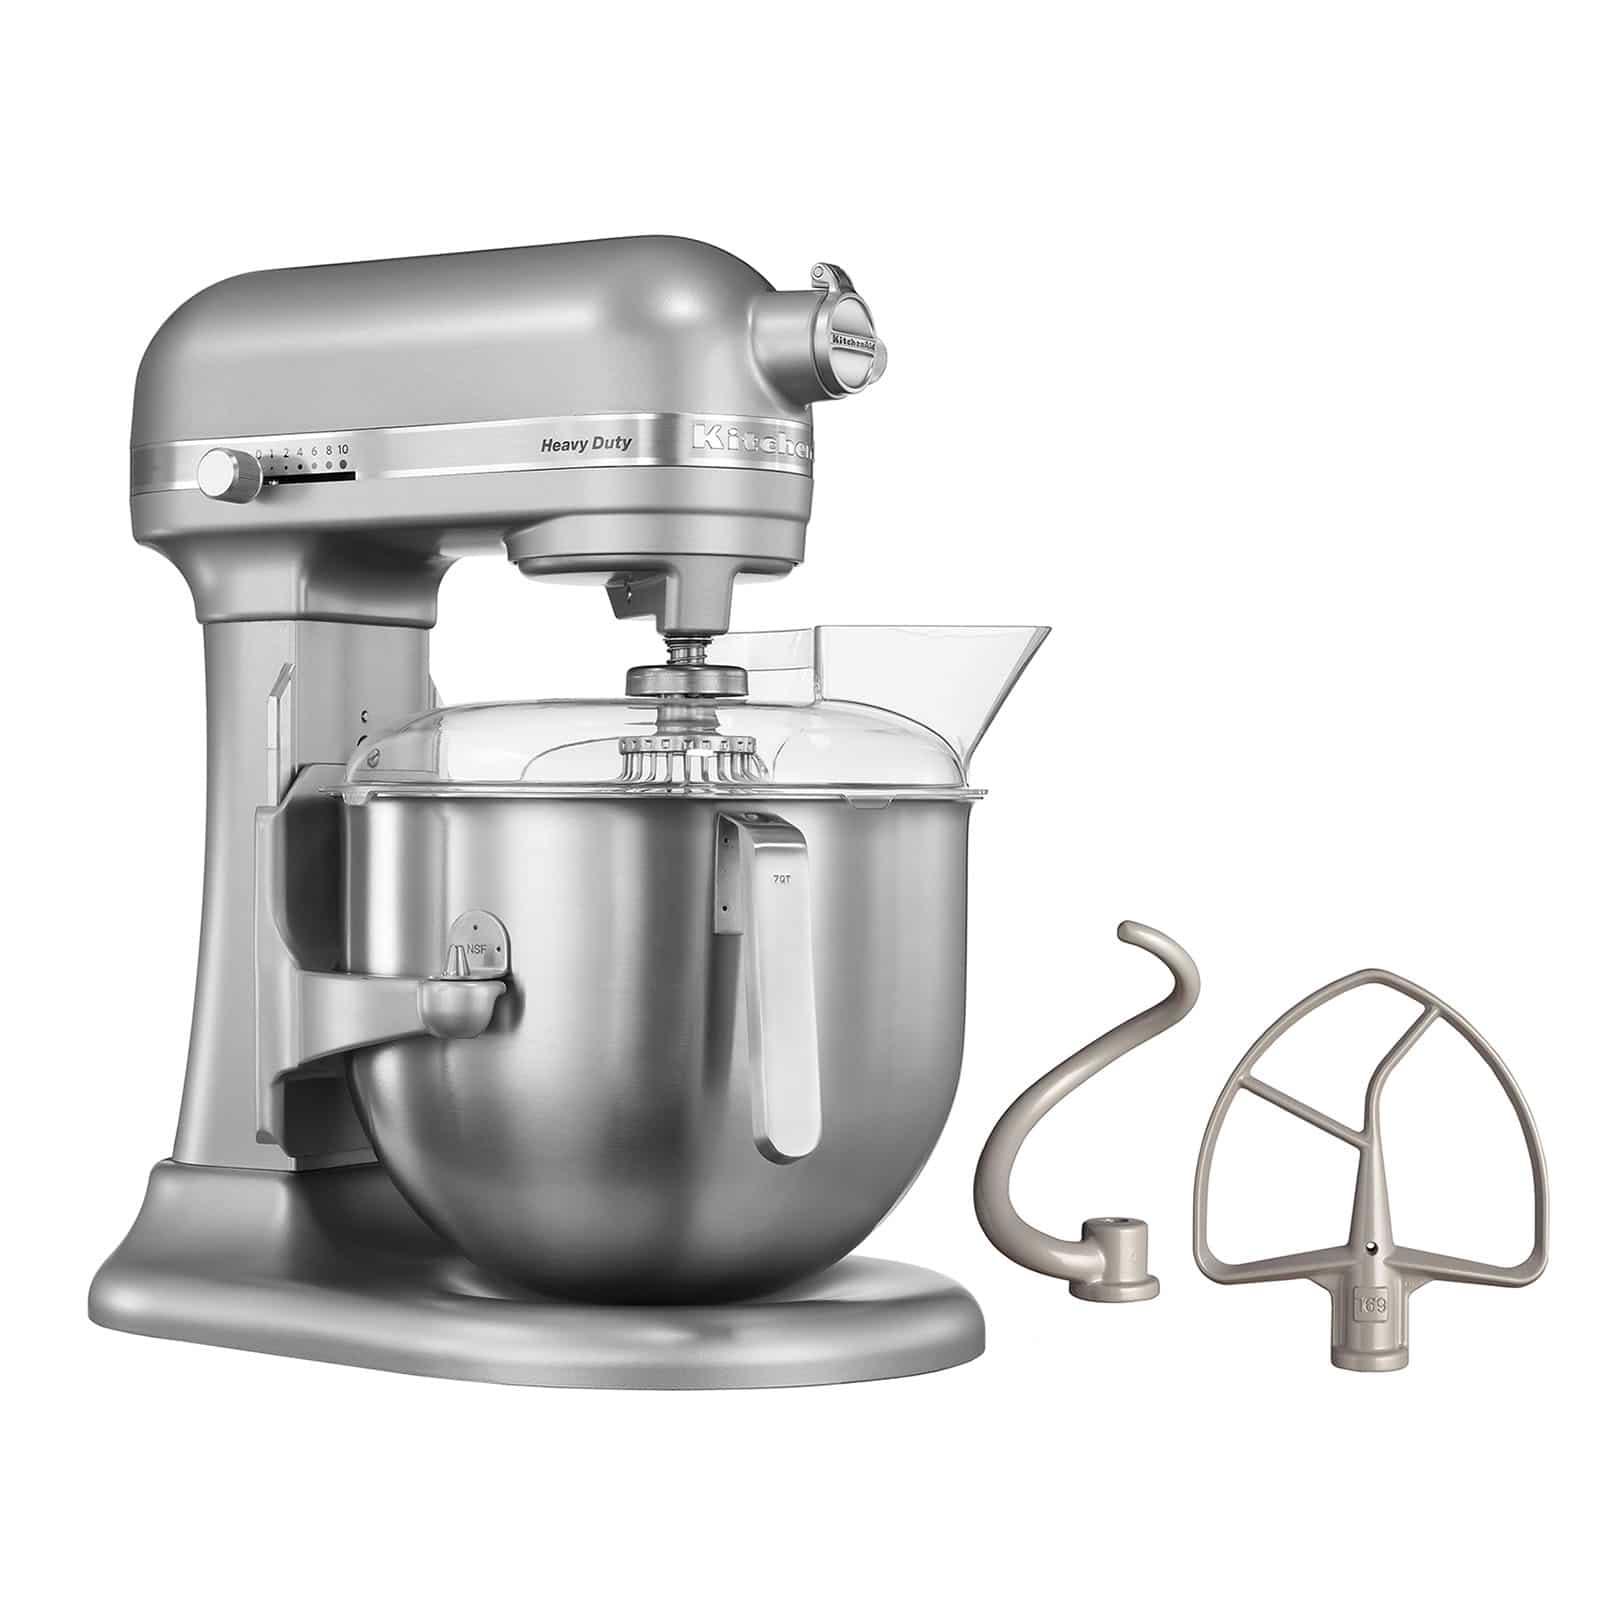 Küchenmaschine günstig kaufen | expondo.at